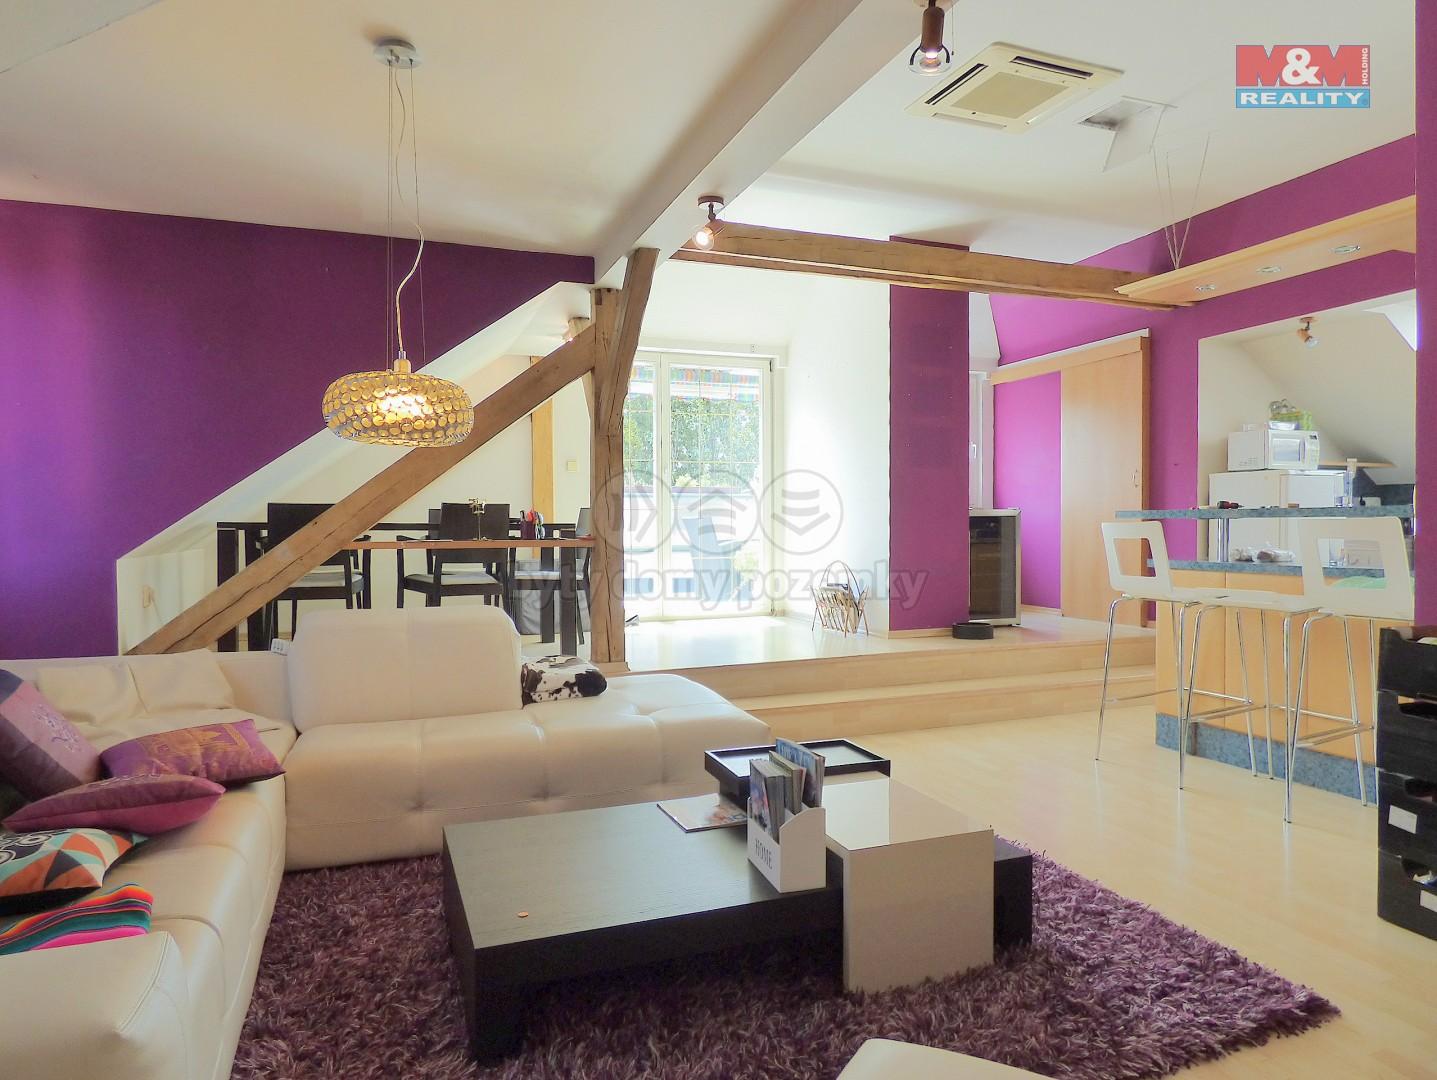 Prodej, byt 5+kk, Brno, ul. Renneská třída